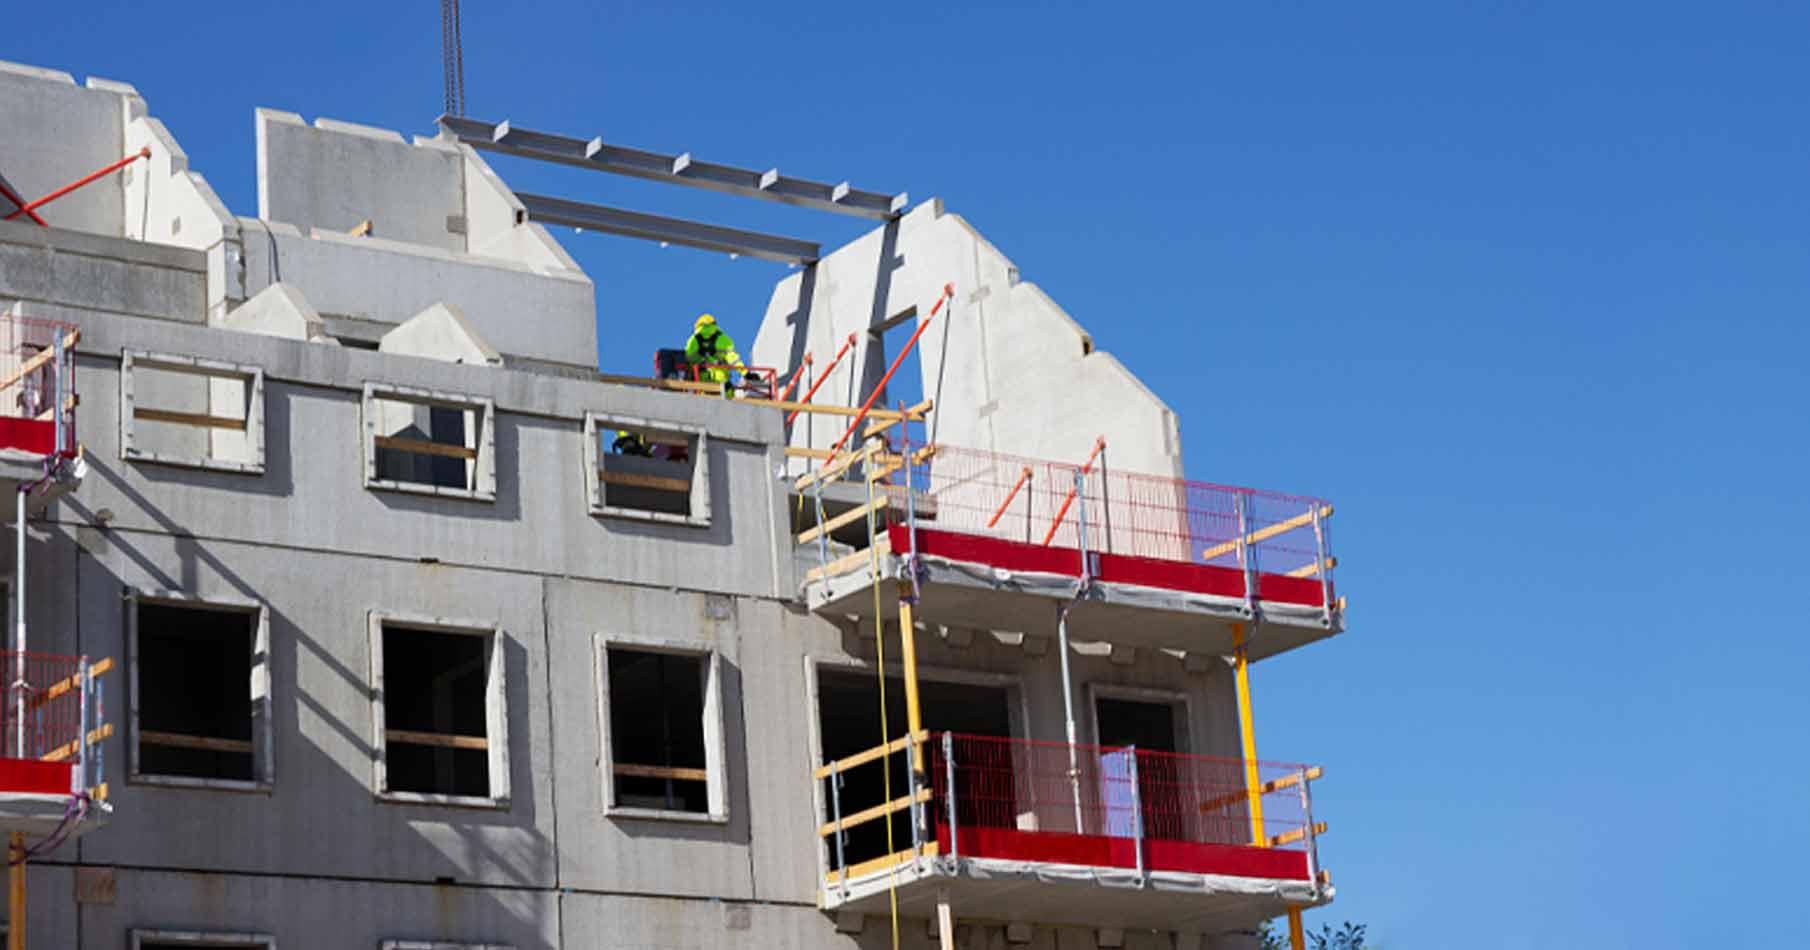 Översta delen av ett lägenhetshus som byggs mot blå himmel. Byggarbetare med gula arbetskläder på taket.